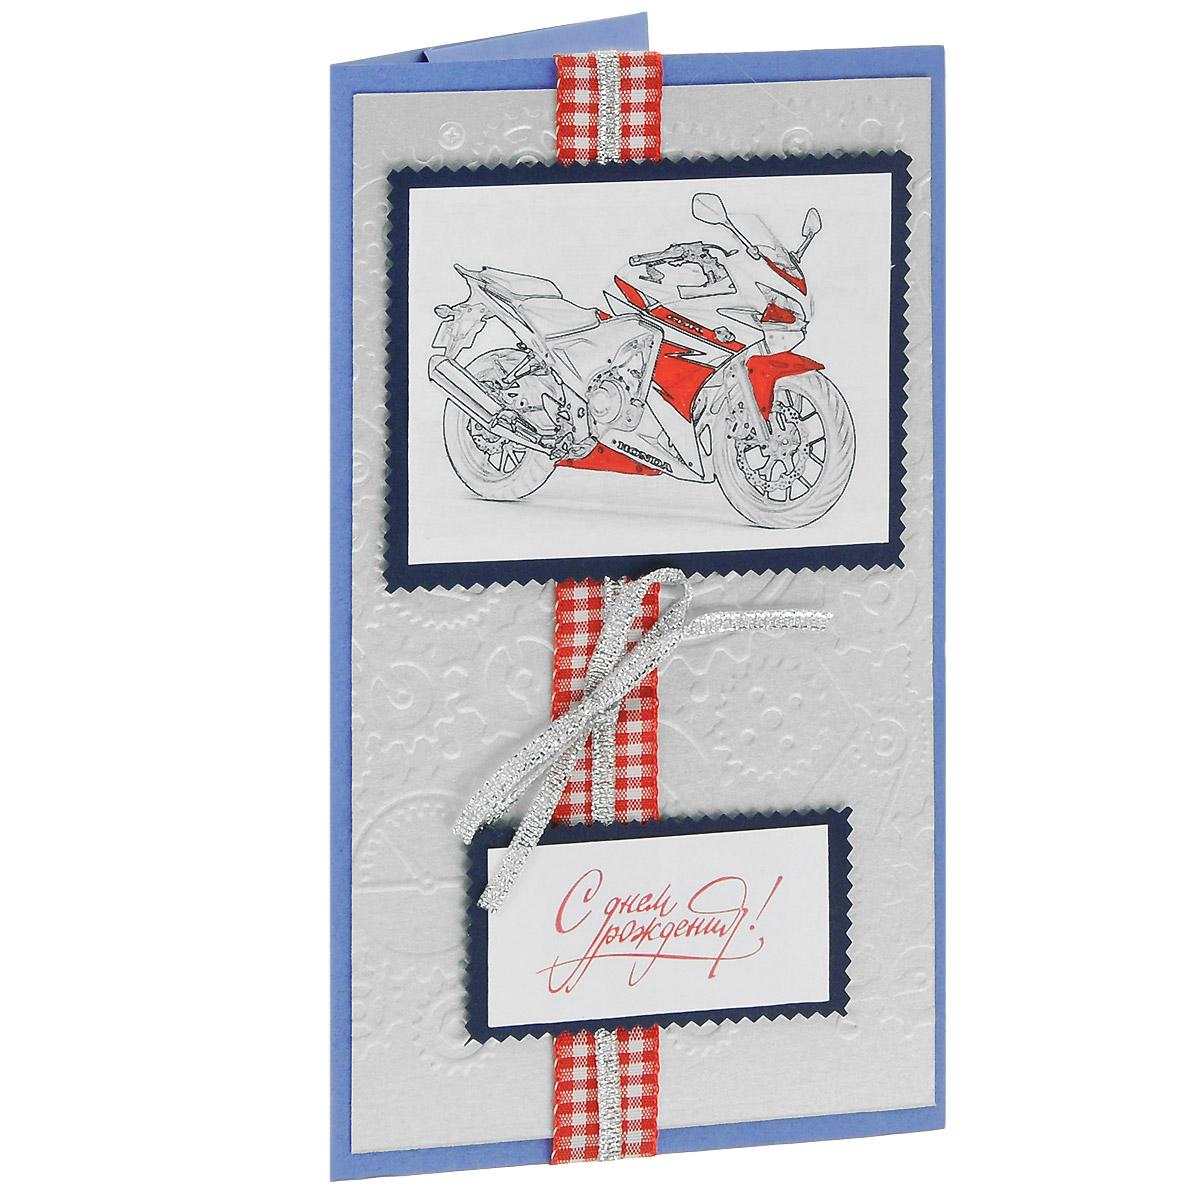 ОМ-0002 Открытка-конверт «С Днём Рождения!» (байк, сине-красная). Студия «Тётя Роза»